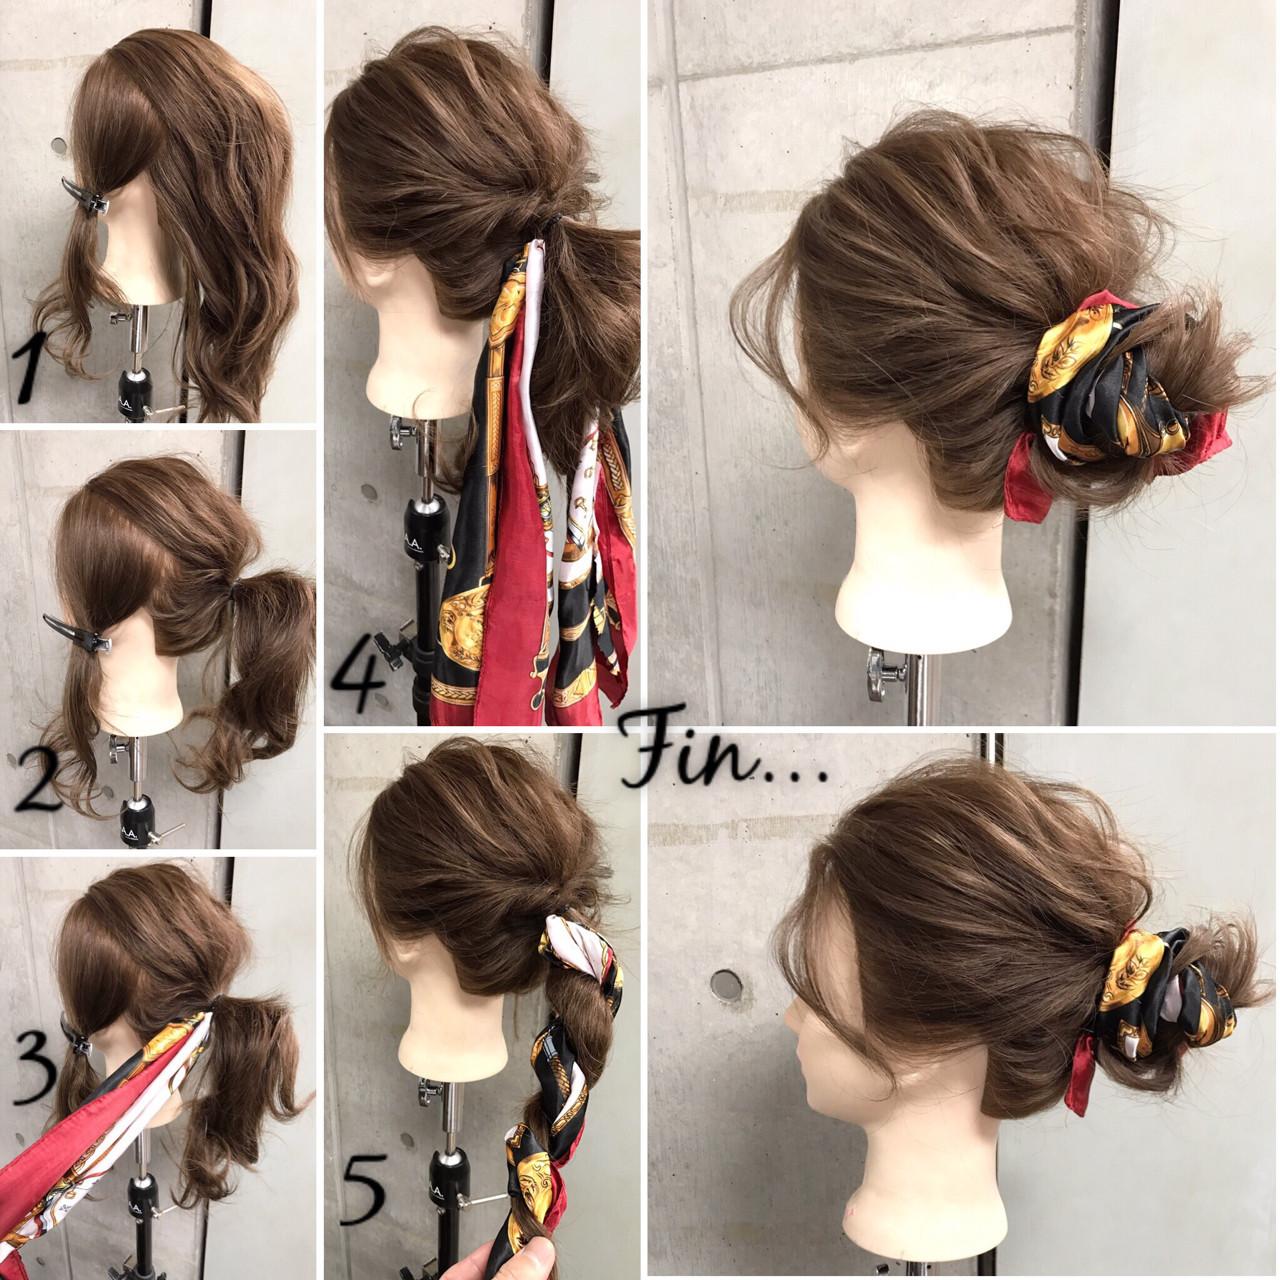 ヘアアレンジ 簡単ヘアアレンジ ナチュラル ヘアアクセ ヘアスタイルや髪型の写真・画像